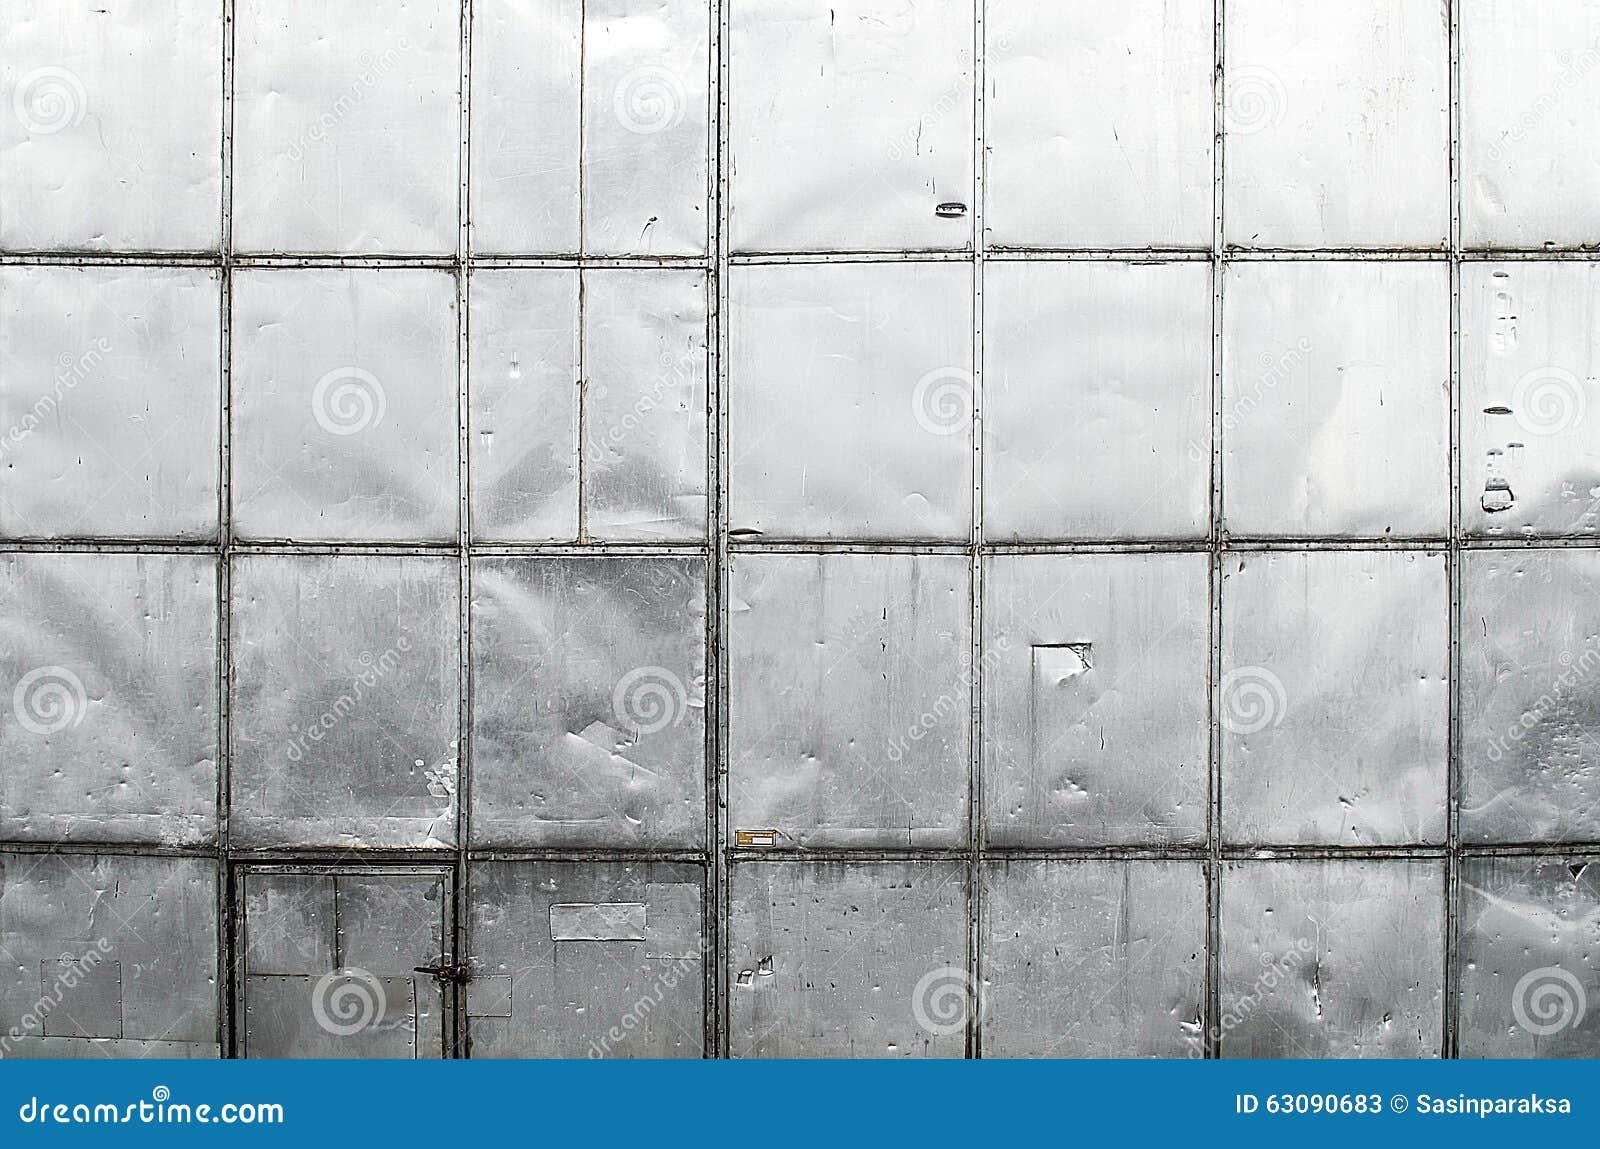 Download Vieille Texture De Mur De Feuillard D'éraflure Image stock - Image du fond, extérieur: 63090683